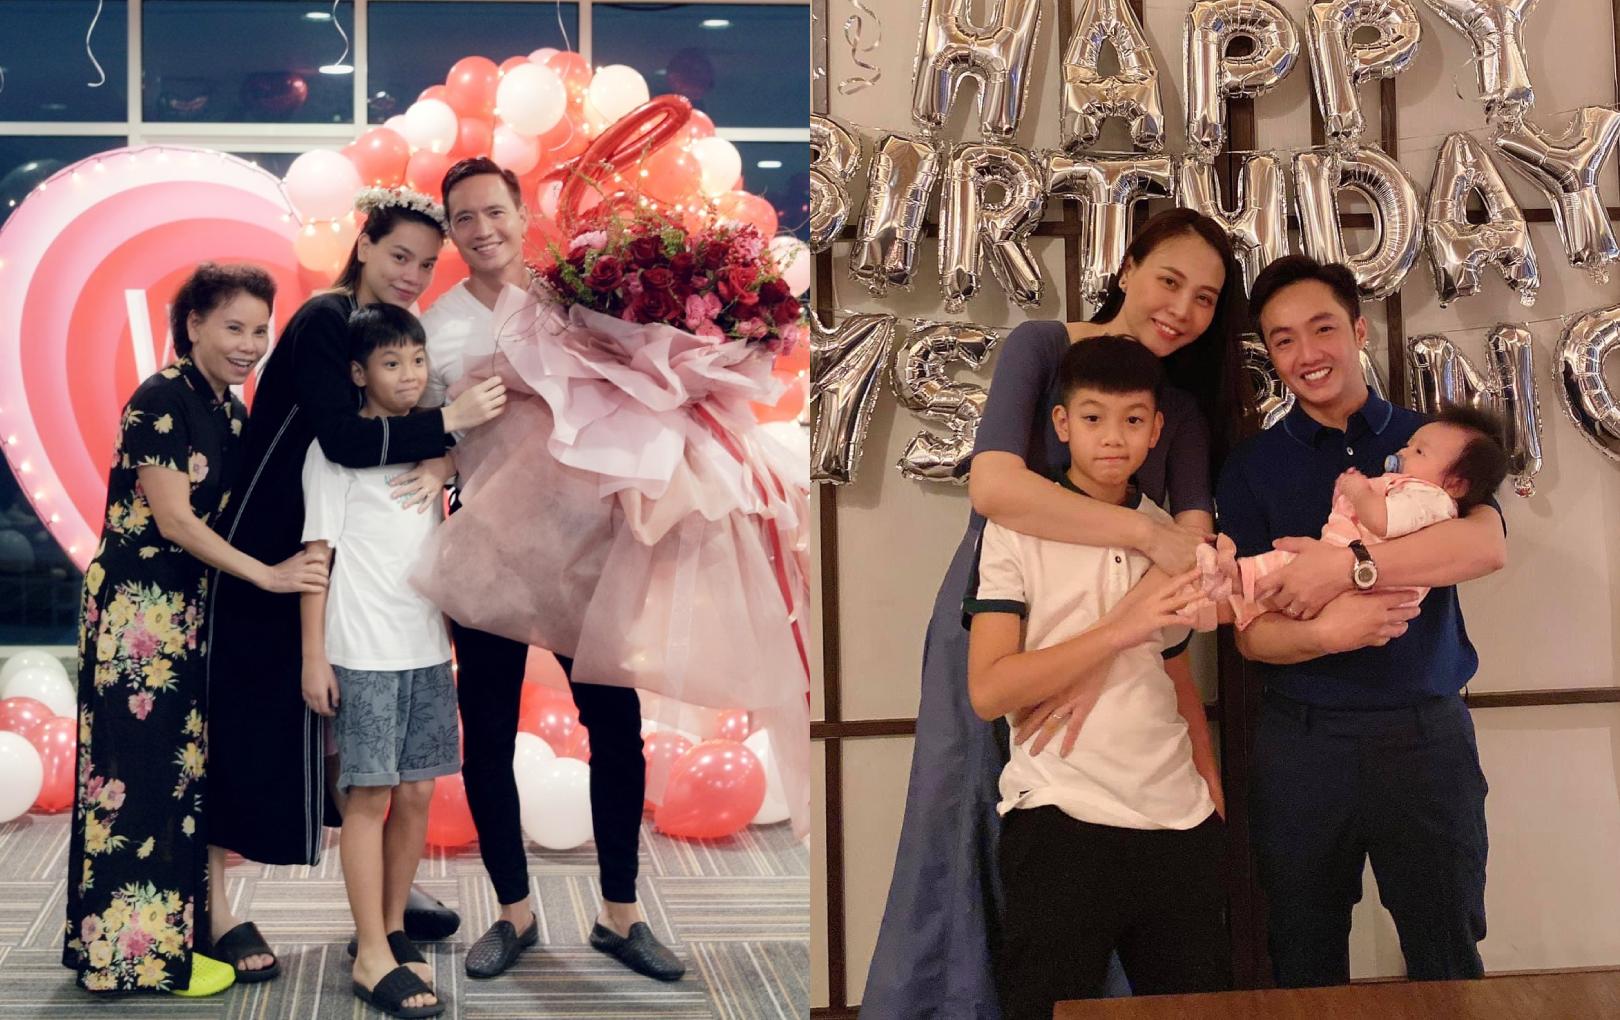 Hé lộ những món quà sinh nhật cực ấm áp Subeo tặng Hồ Ngọc Hà và Đàm Thu Trang